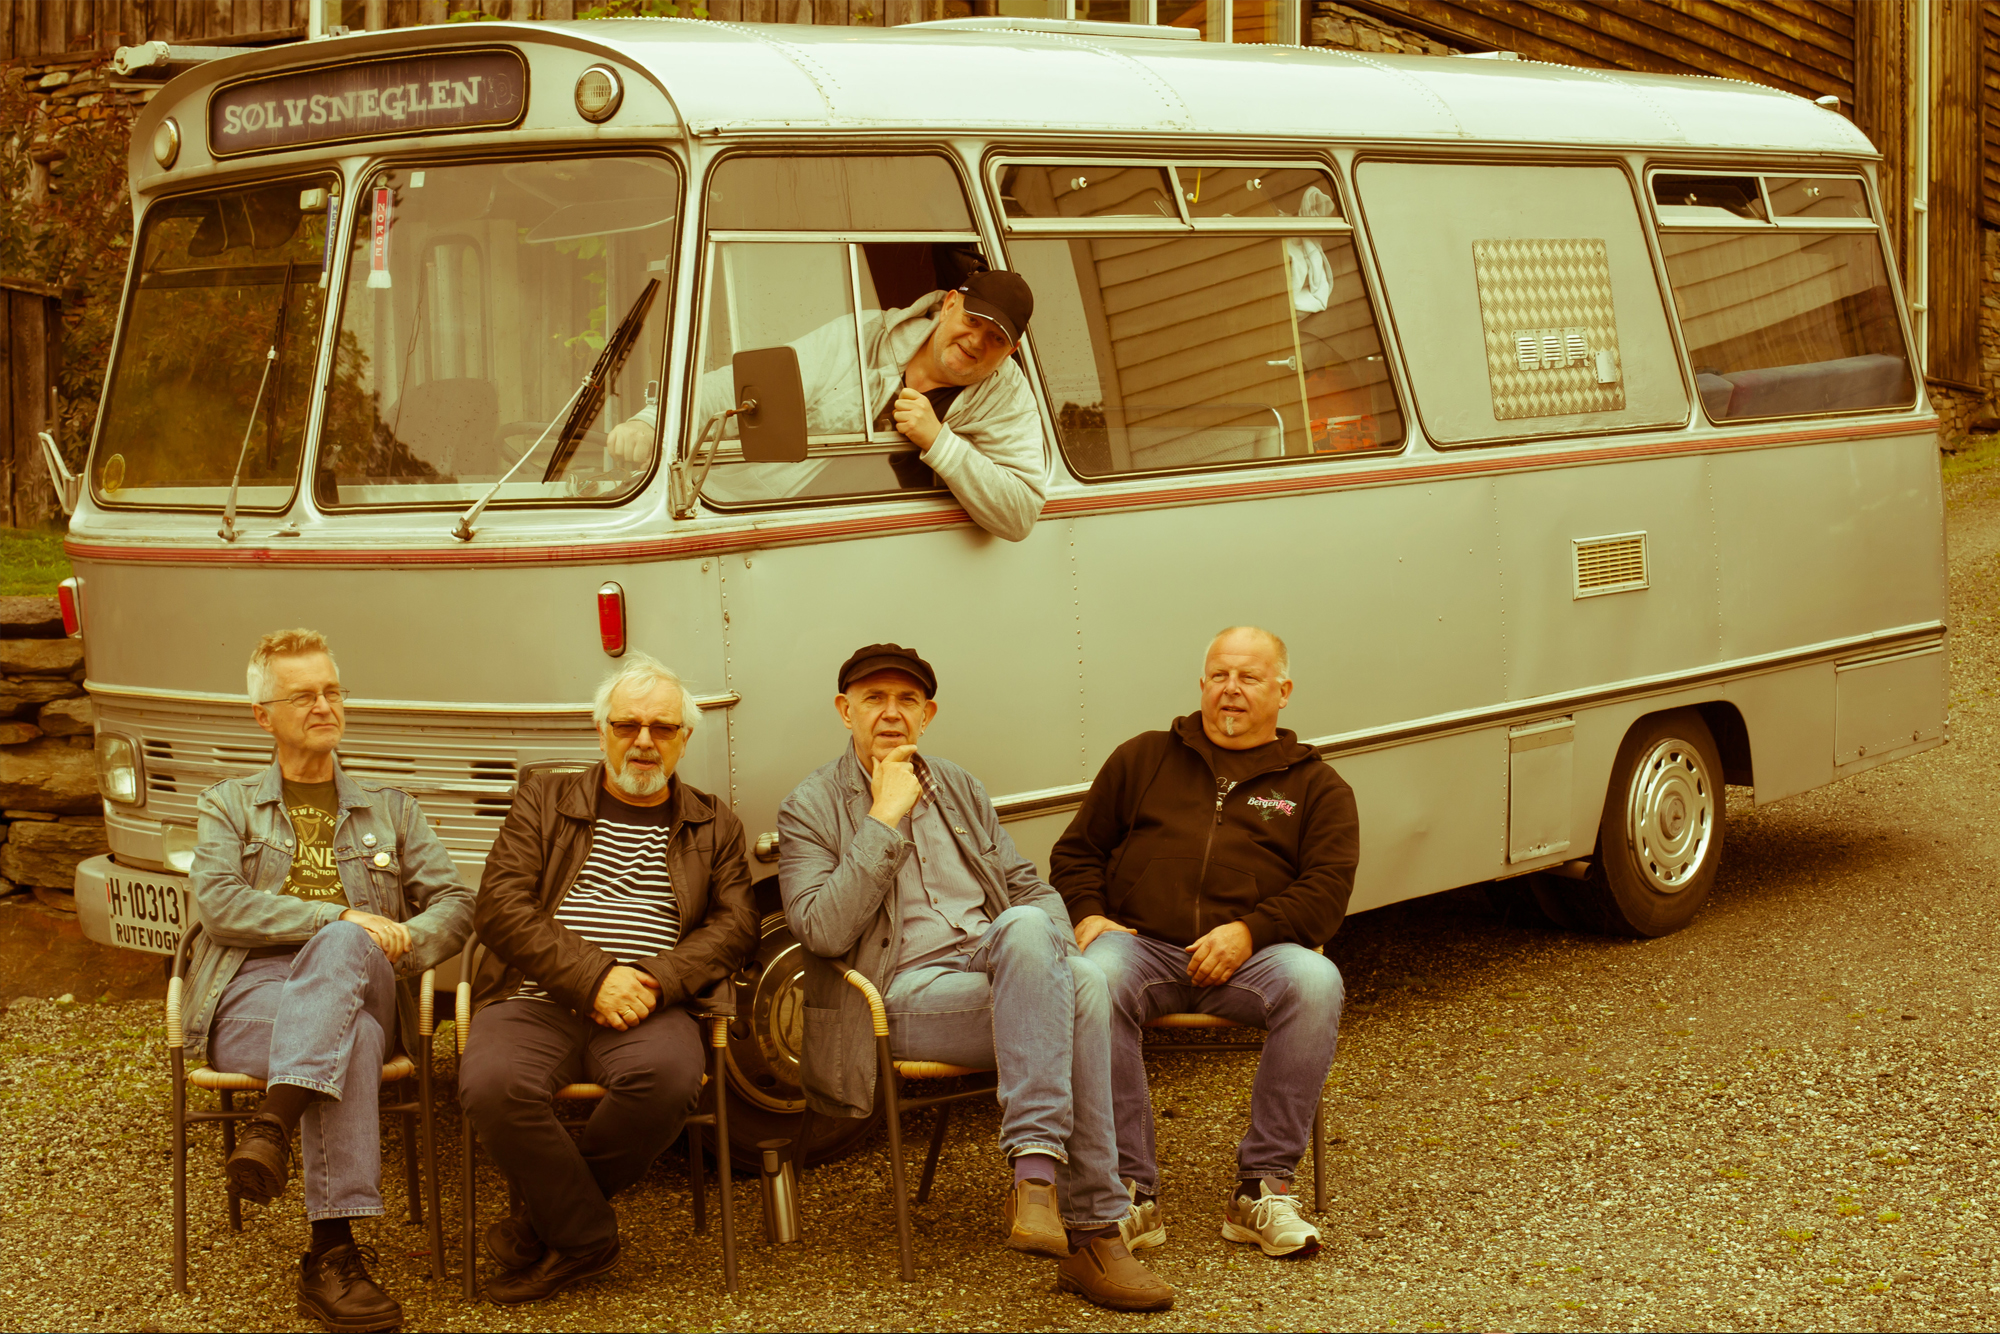 DMD - ved Sølvsneglen! Foto: Rolf Sejerstedt